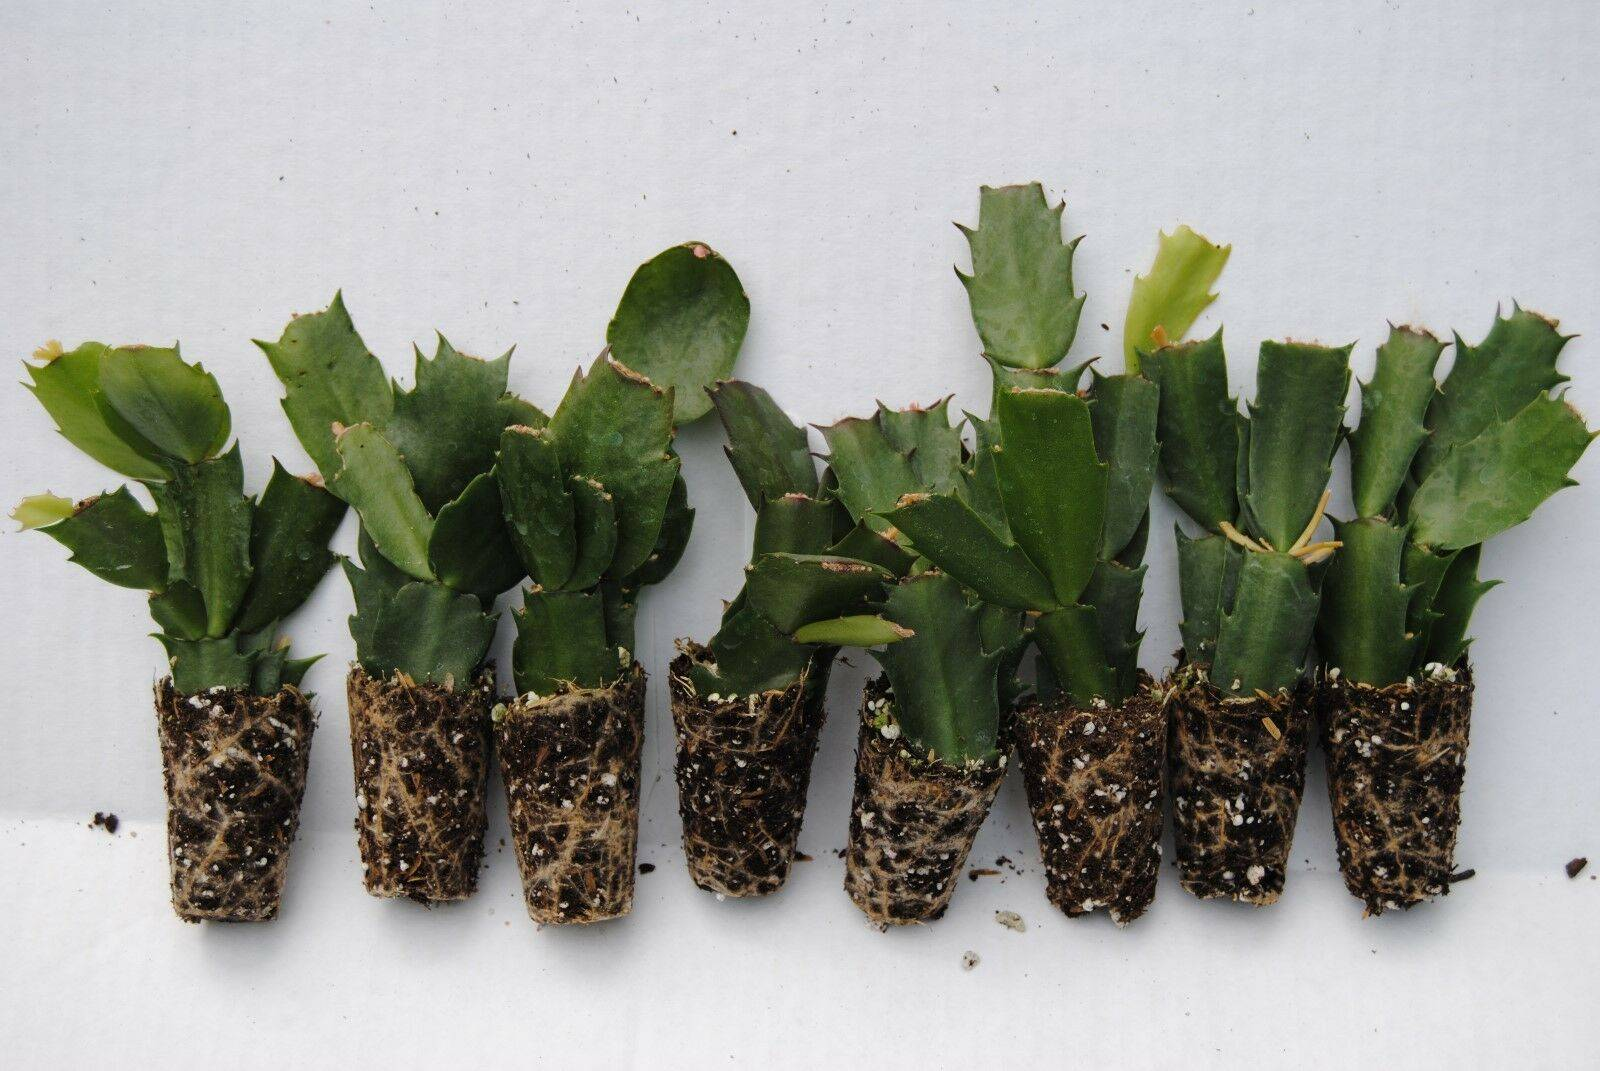 Примеры по уходу за перескией шиповатой, годсеффой и другими видами растения